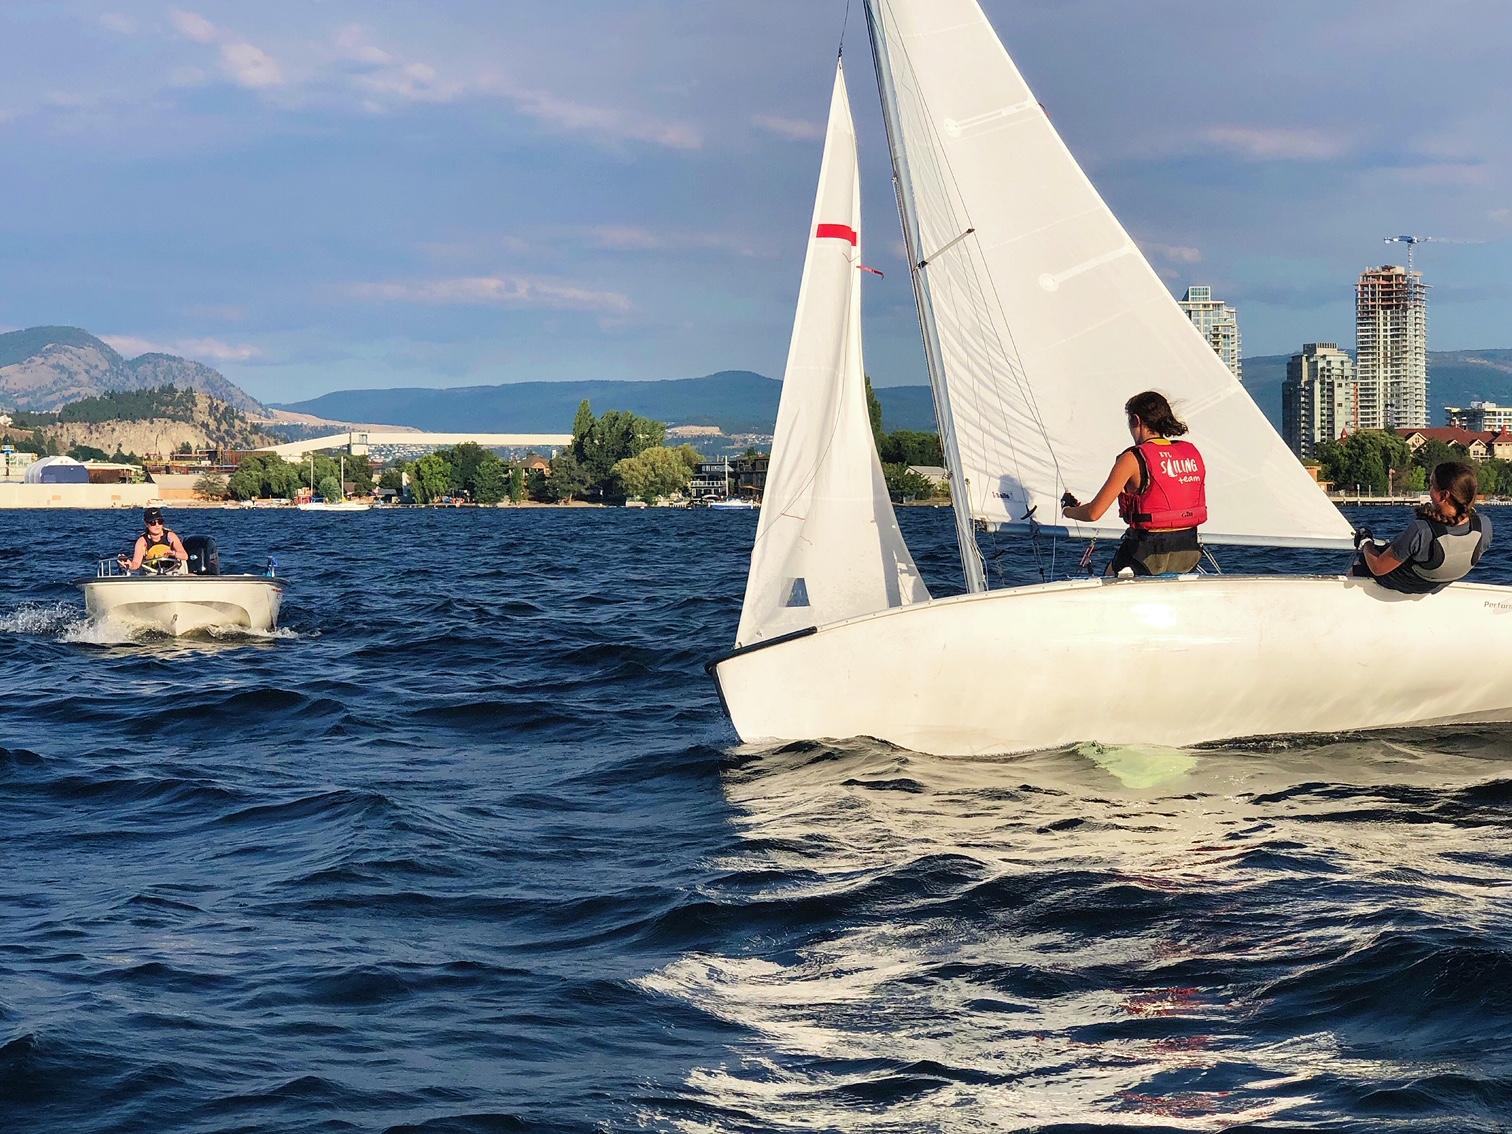 youth-sailing-programs-and-kids-summer-camp-kelowna